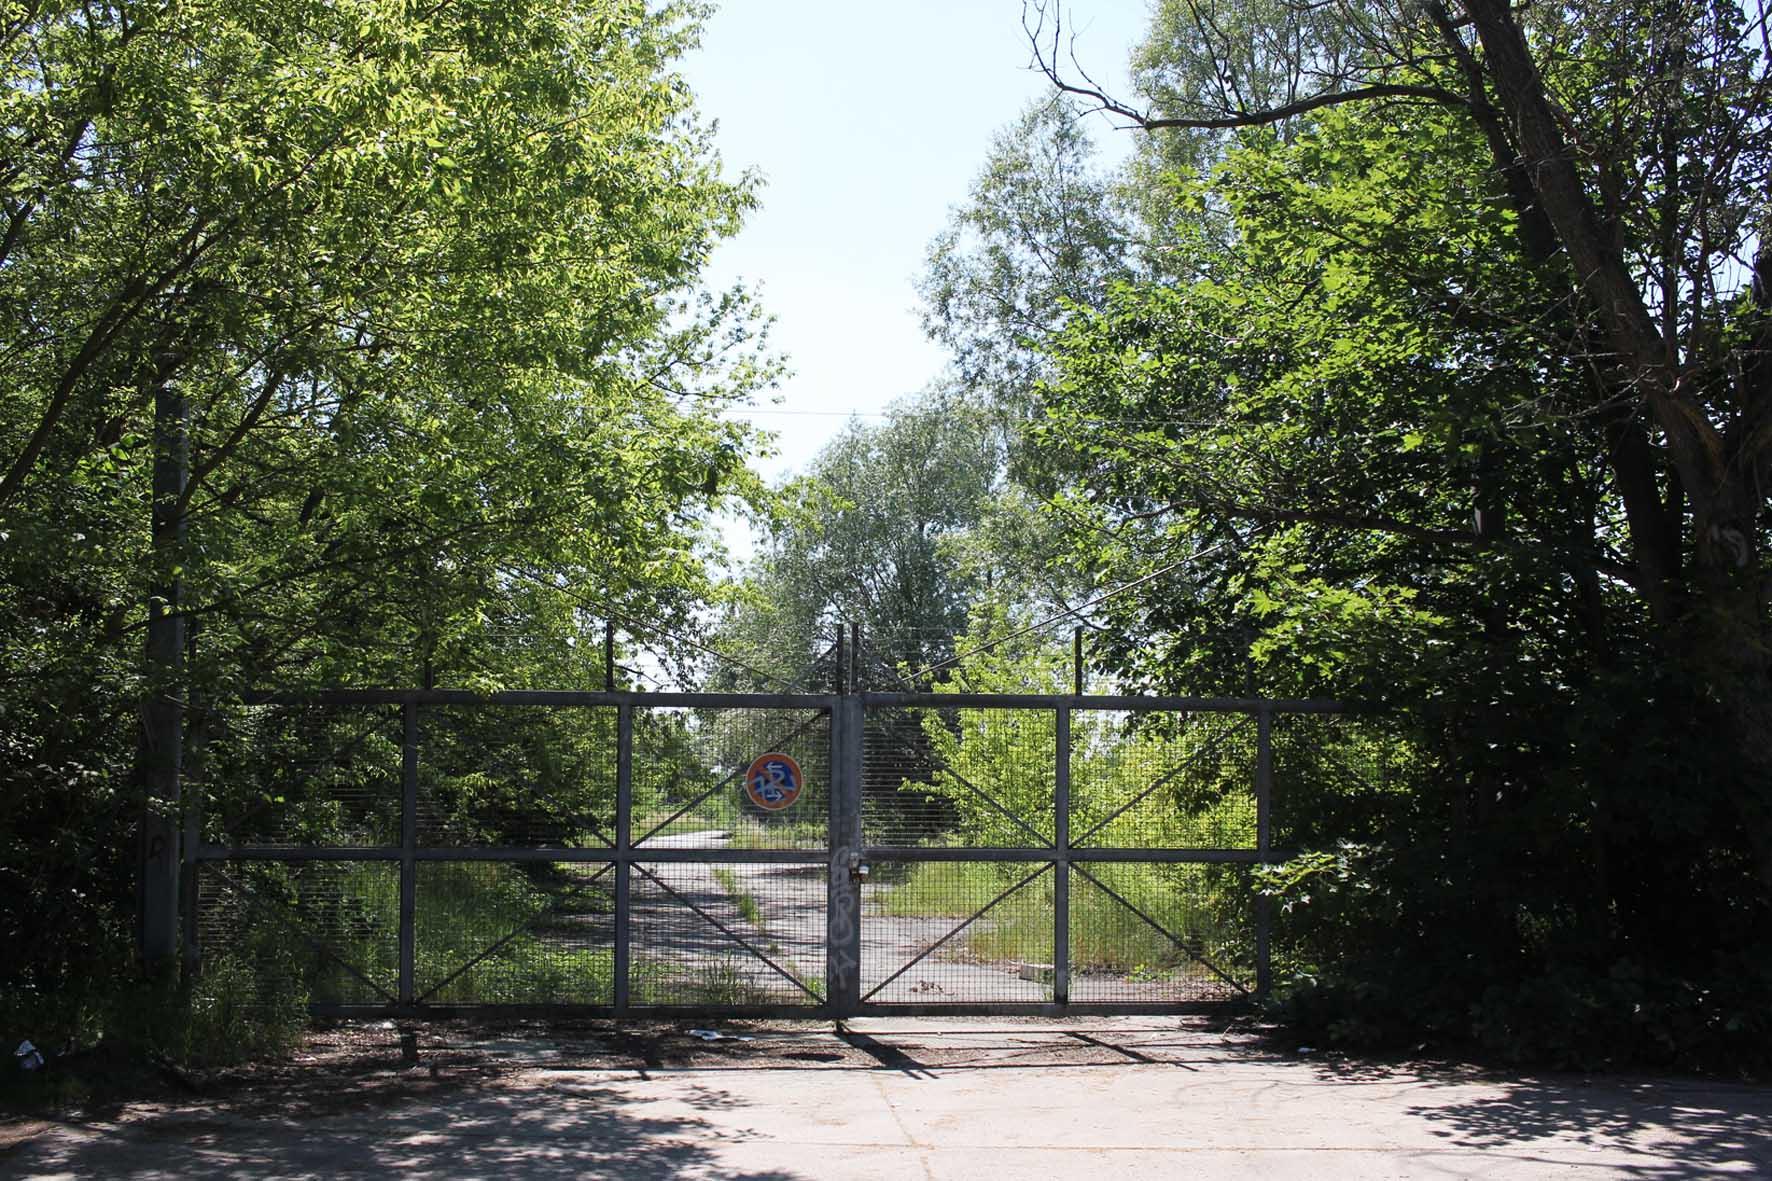 Das Eingangstor für bereifte Fahrzeuge auf der Osdorfer Strasse am Parks Range und Doughboy City - ein ehemaliger Truppenübungsplatz der US Army Berlin Brigade